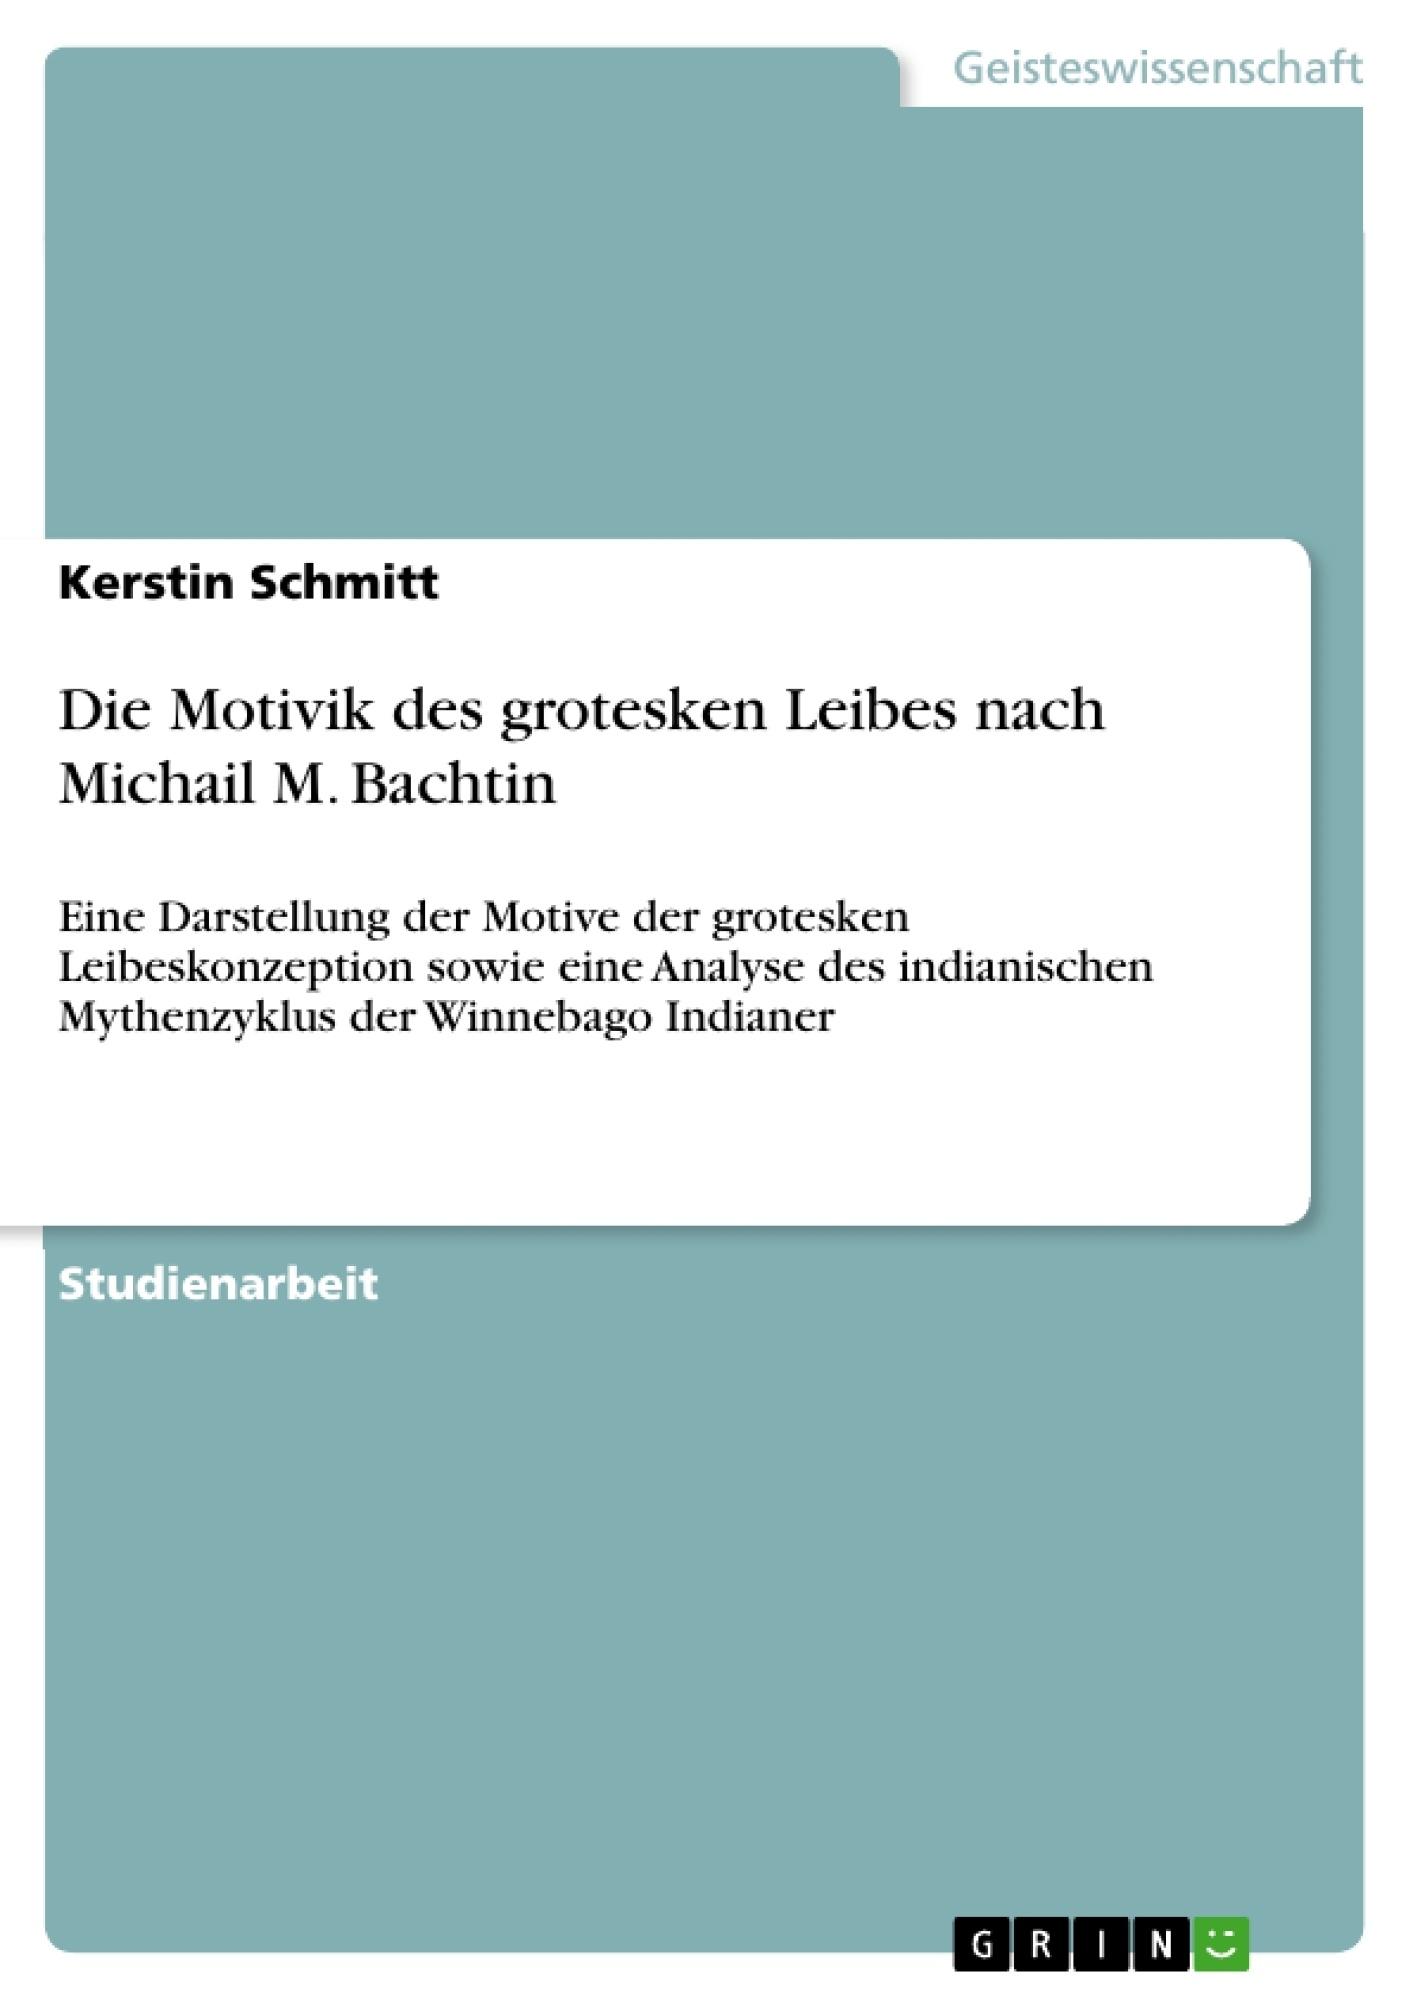 Titel: Die Motivik des grotesken Leibes nach Michail M. Bachtin